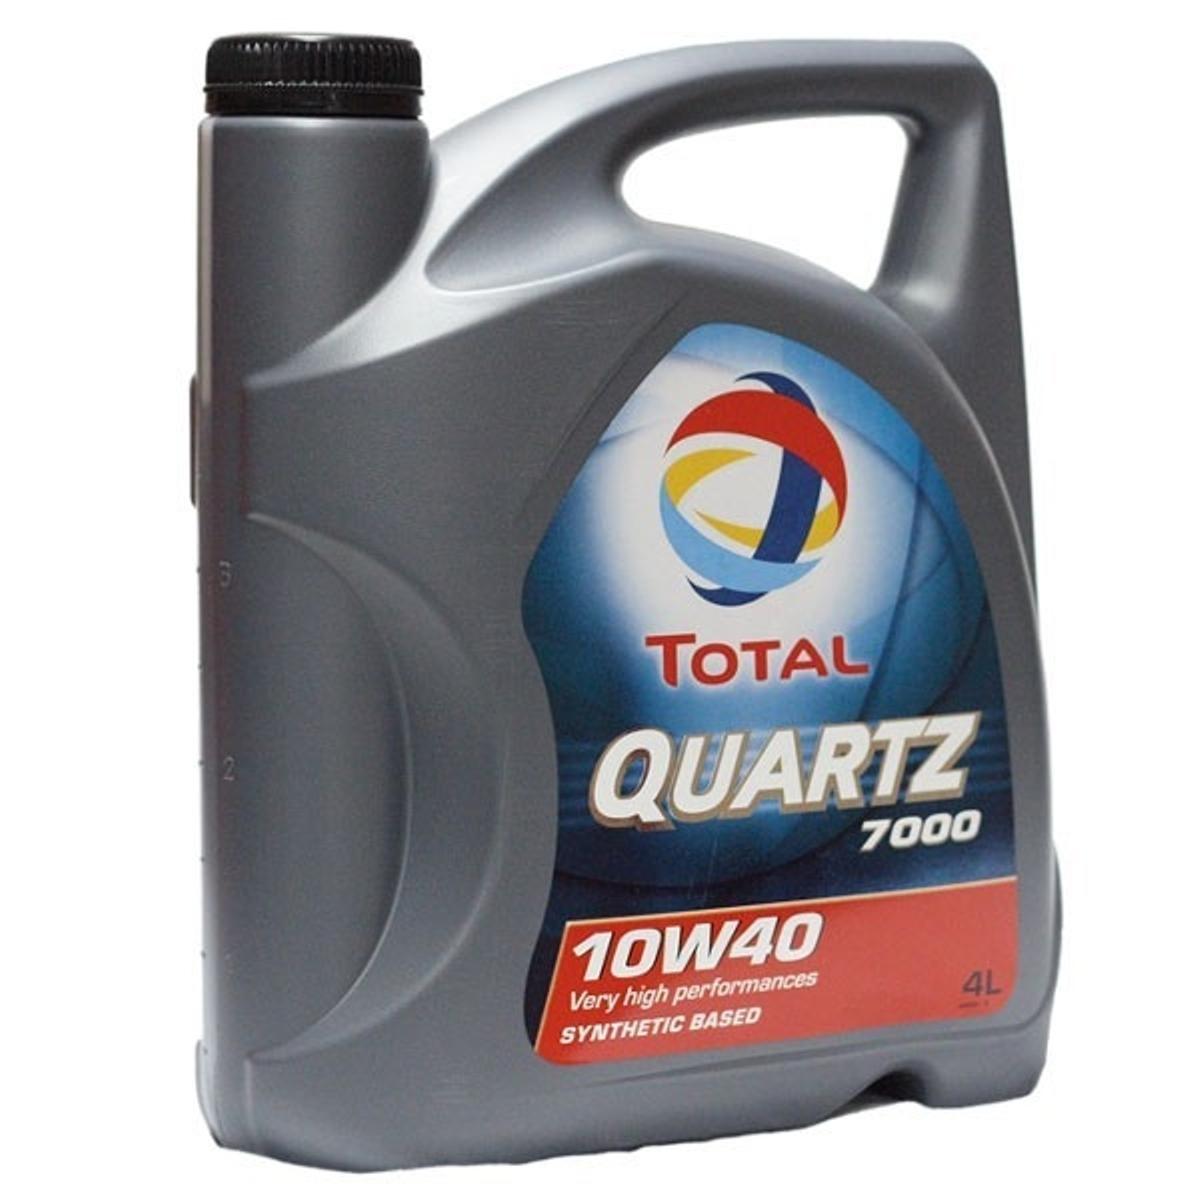 Моторное масло Total Quartz 7000 10W-40, 4 л148593Моторное масло Total Quartz 7000 10w-40 разработано для соответствия требованиям спецификаций бензиновых и дизельных двигателей (легковые и небольшие грузовые автомобили). Рекомендовано для применения в двигателях с турбонаддувом, включая многоклапанные. Масло обеспечивает высокие эксплуатационные свойства в условиях высоких нагрузок при вождении по автостраде и в городе, в любое время года. Total Quartz 7000 10w-40 прекрасно подходит для автомобилей, оснащенных катализаторами и использующих этилированный бензин или сжиженный газ. Использование Total Quartz 7000 10w-40 обеспечивает значительную экономию топлива, подтверждено тестом API SH EC I. Благодаря основе, состоящей из синтетических и высокоочищенных минеральных компонентов, Total Quartz 7000 10w-40 обладает высоким индексом вязкости и превосходной вязкостной стабильностью в эксплуатации. Масло изготовлено по технологии, обеспечивающей сочетание свойств легкотекучести (легкий холодный старт) и вязкости (превосходное смазывание...